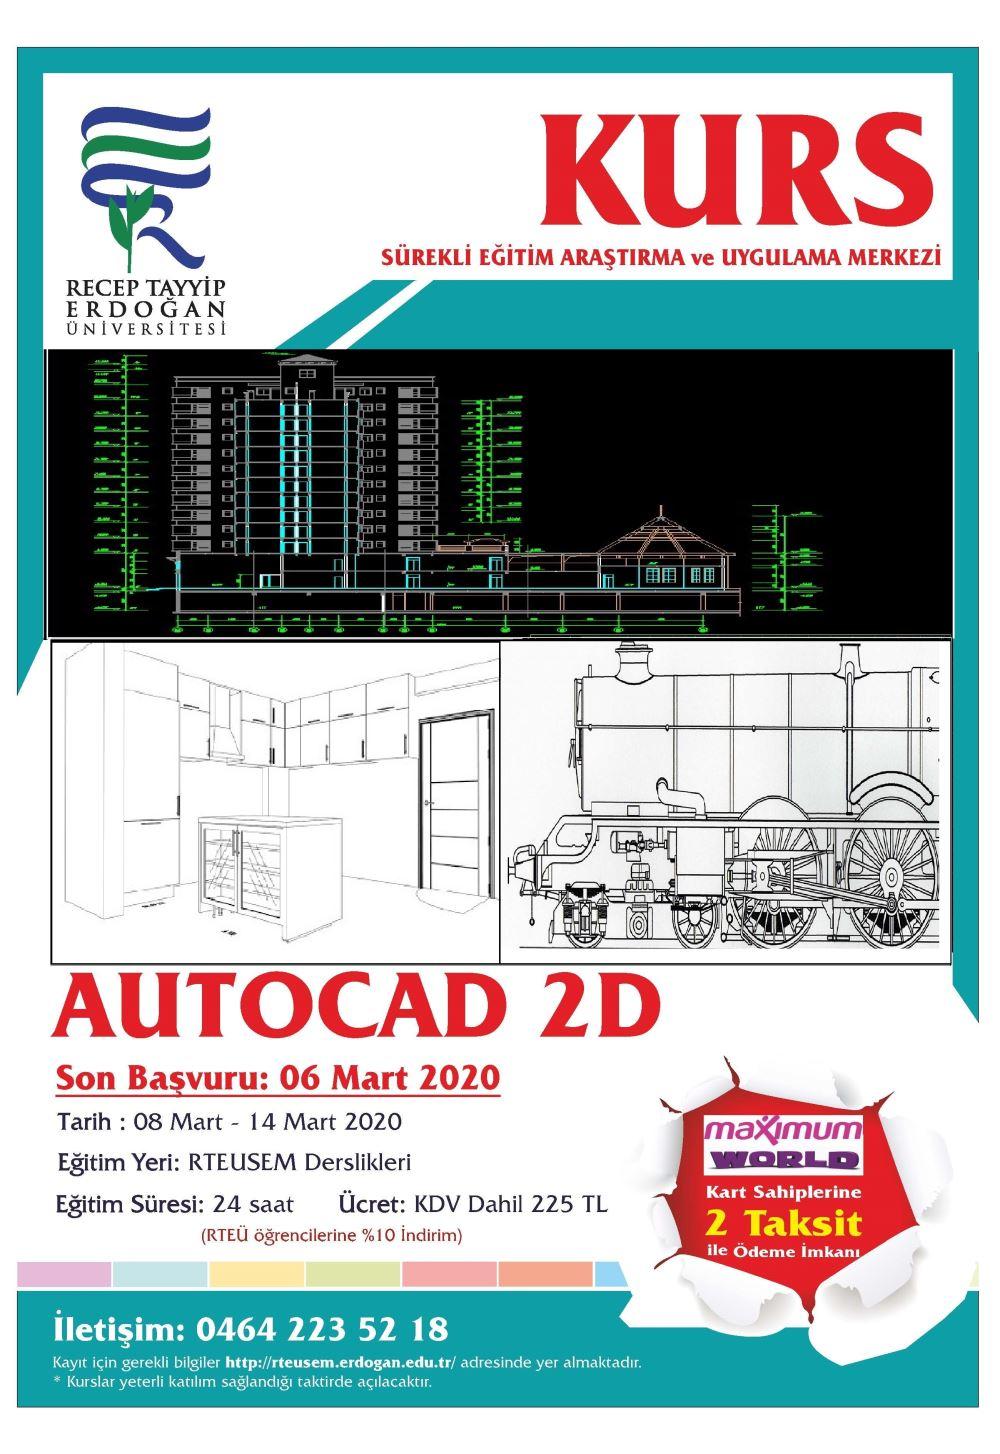 Autocad 2D Kursu